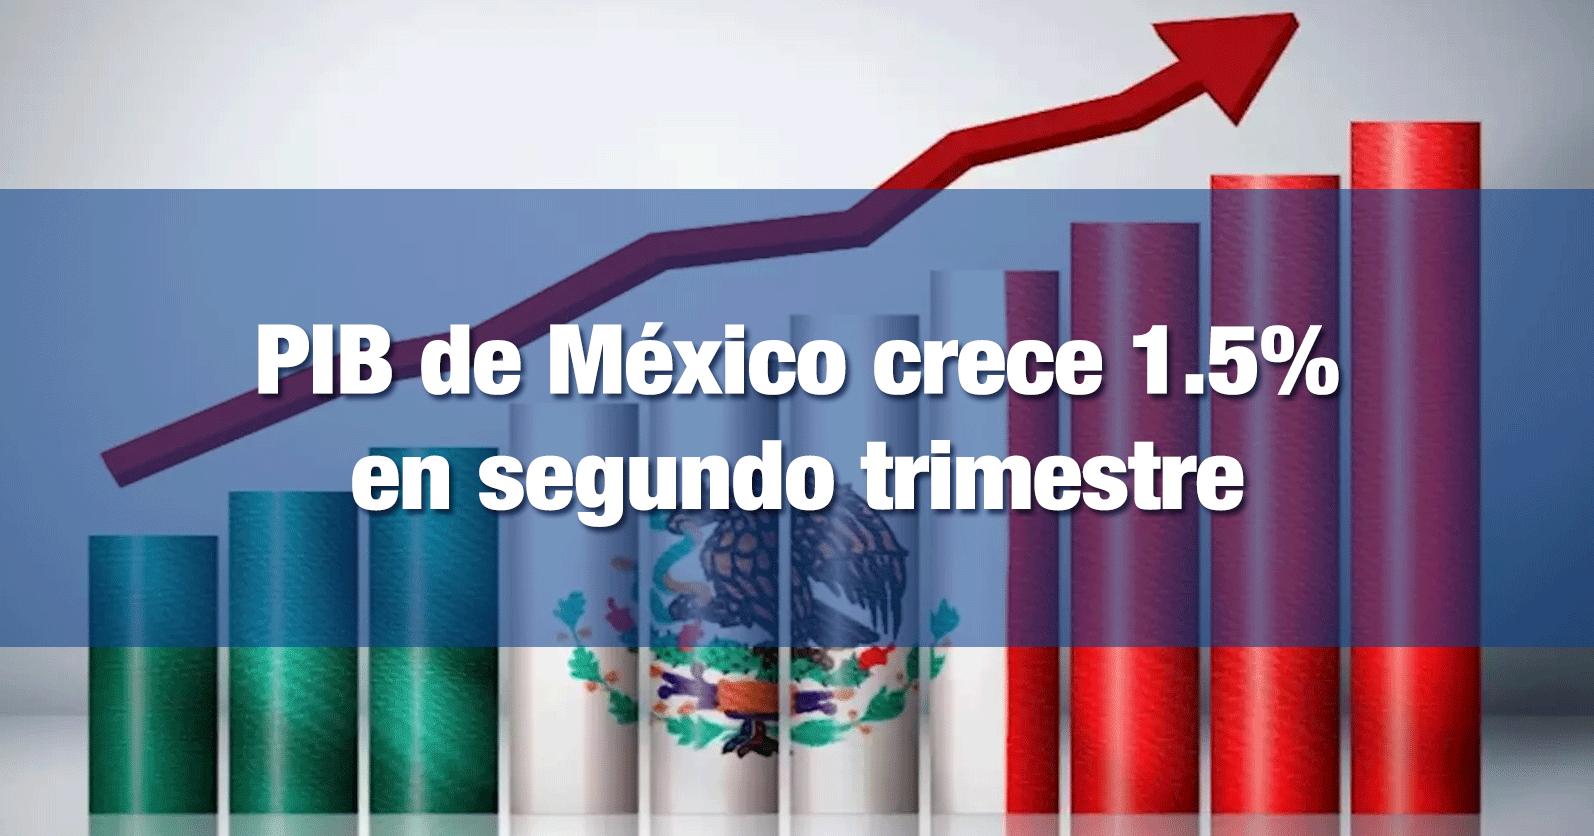 PIB de México crece 1.5% en segundo trimestre